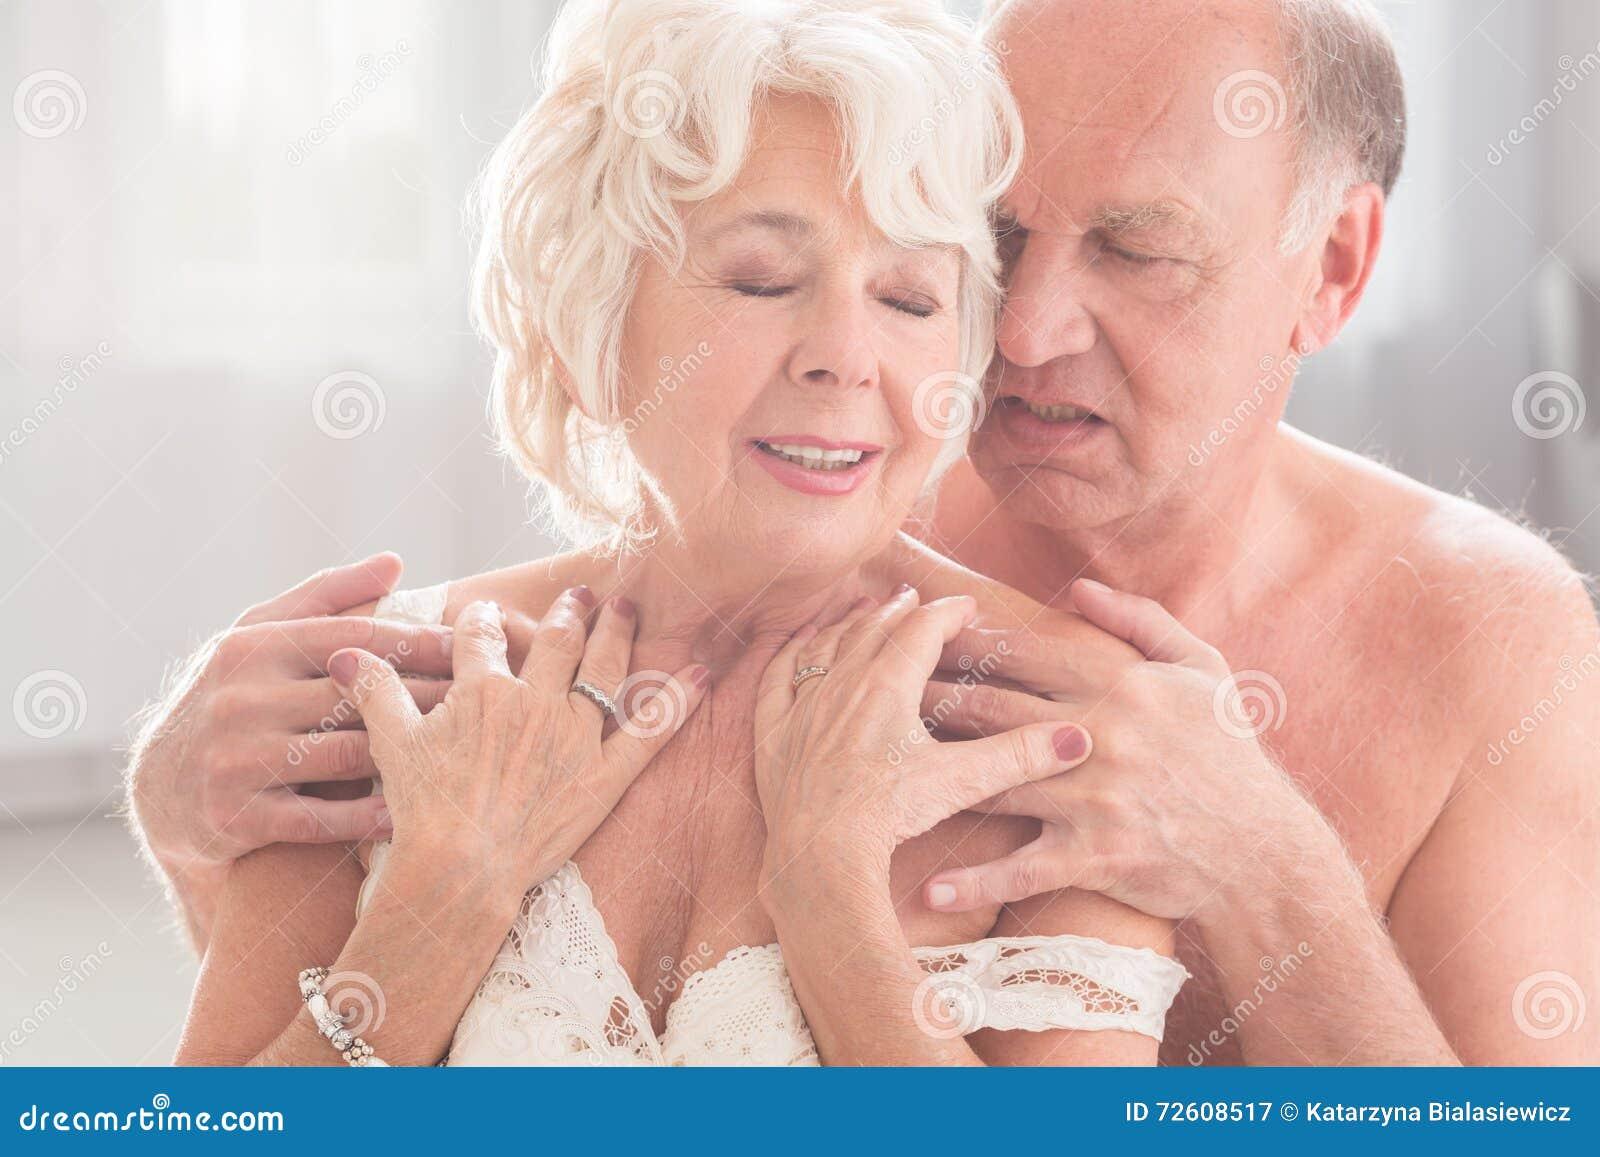 Erotic services fairmont dubai